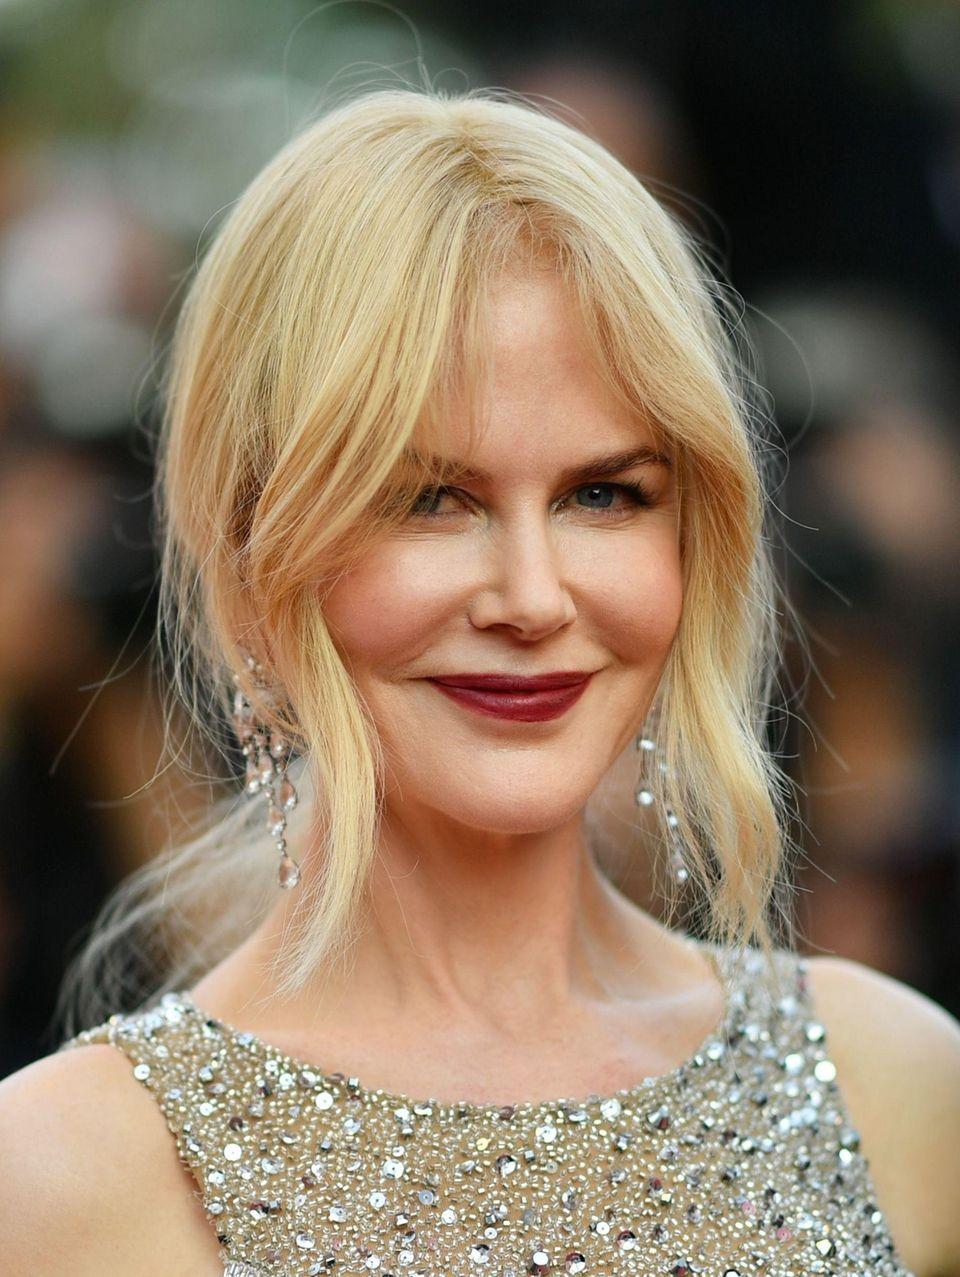 Actress Nicole Kidman was born on June 20,